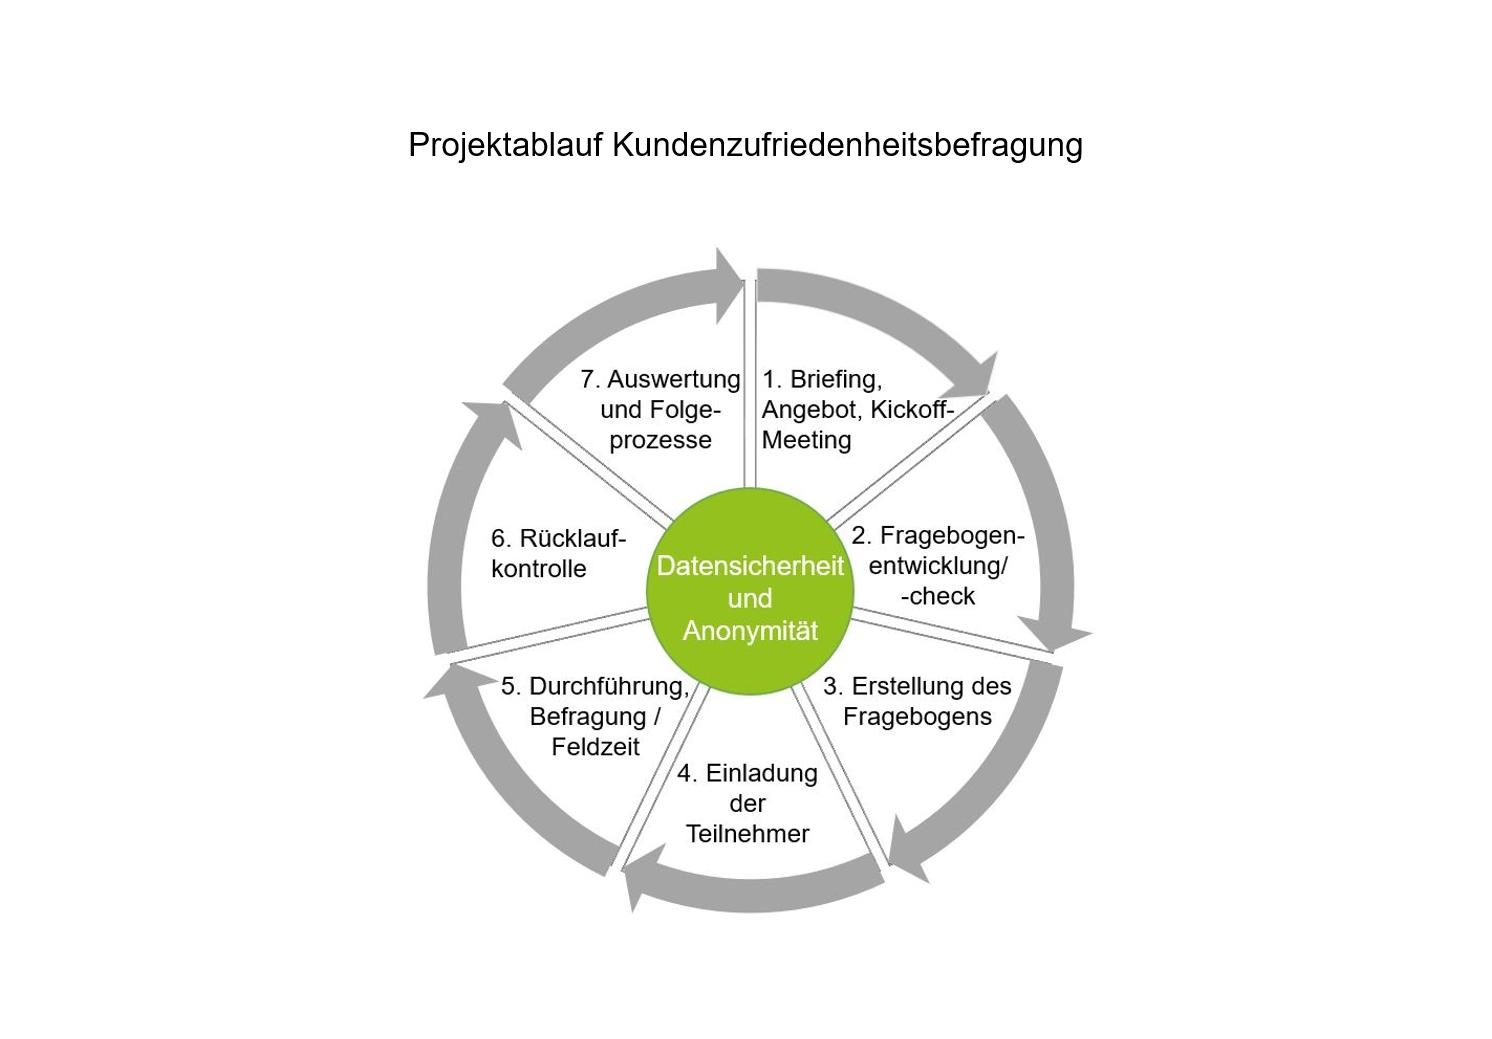 Projektablauf Kundenzufriedenheitsanalyse Diagramm